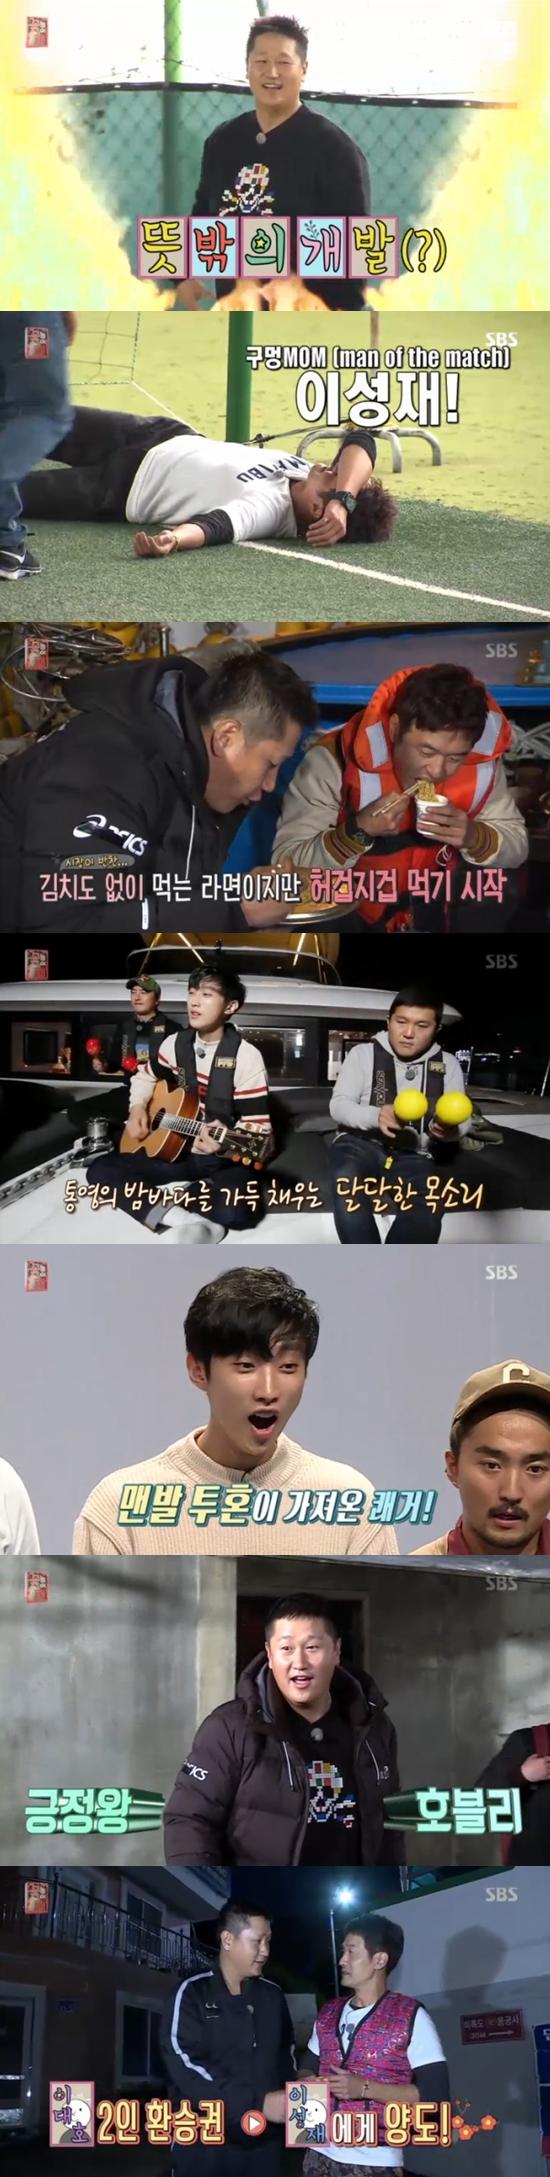 이대호 이성재 진영(사진=SBS '꽃놀이패' 방송 캡쳐)